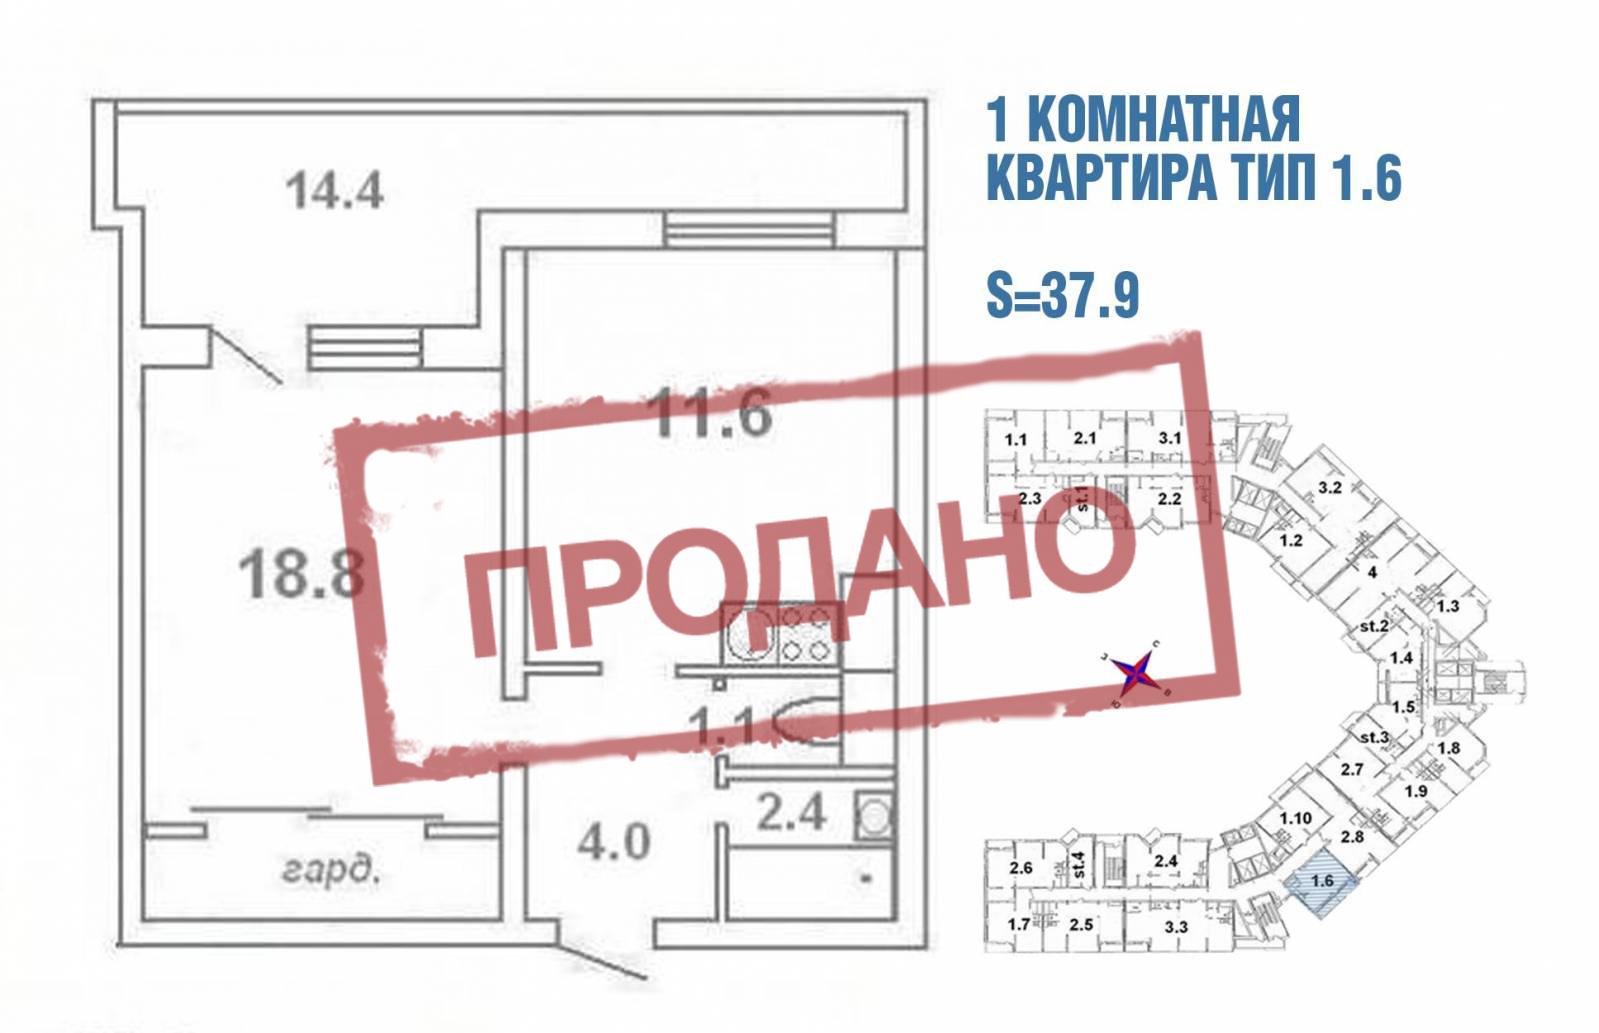 1 комнатная квартира тип 1.6 - 37,9 кв.м.